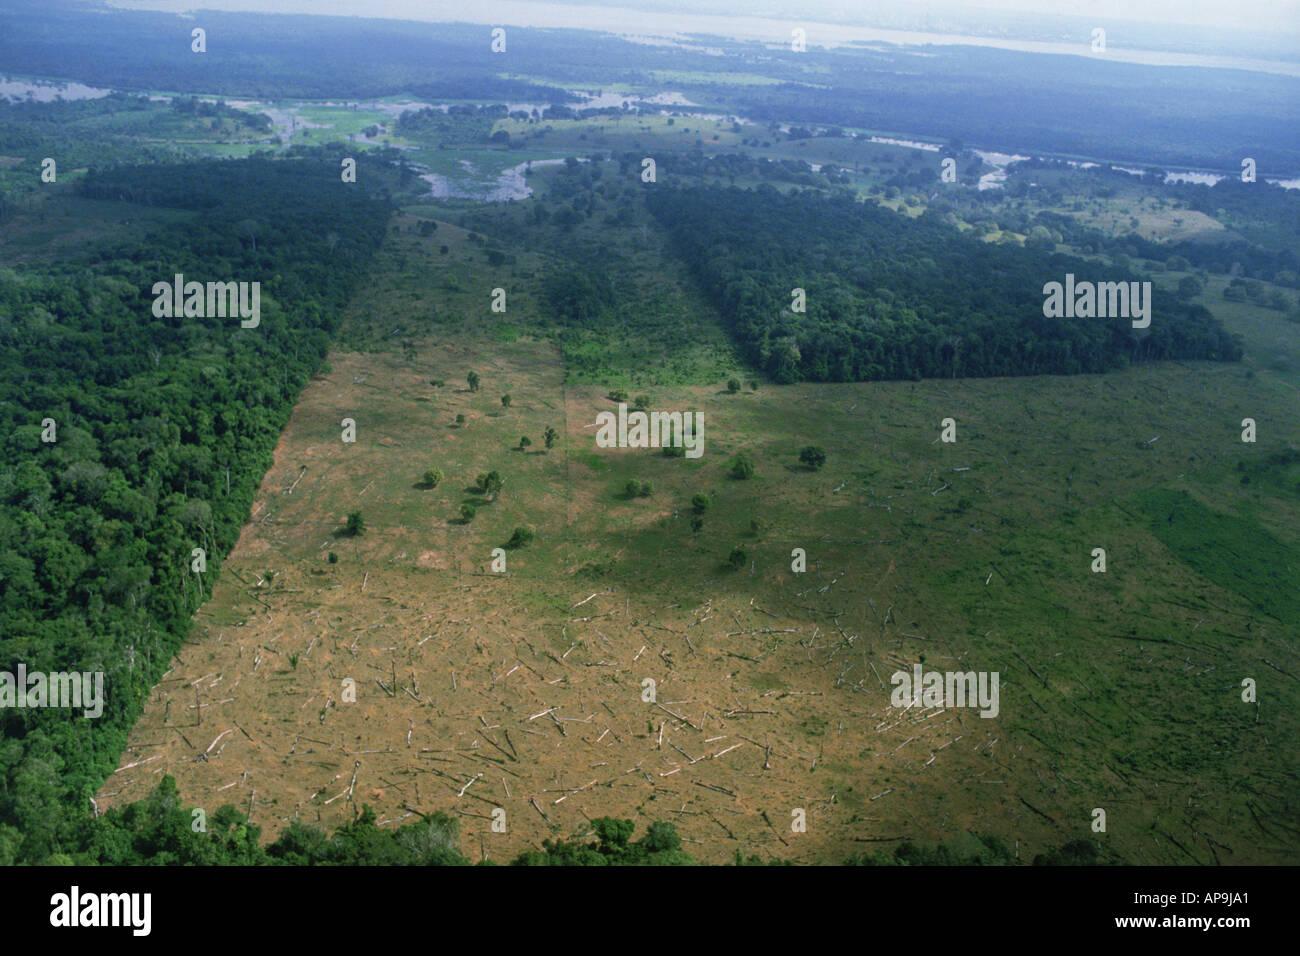 Vue aérienne de la déforestation des forêts tropicales au Brésil près de Amazon River Photo Stock